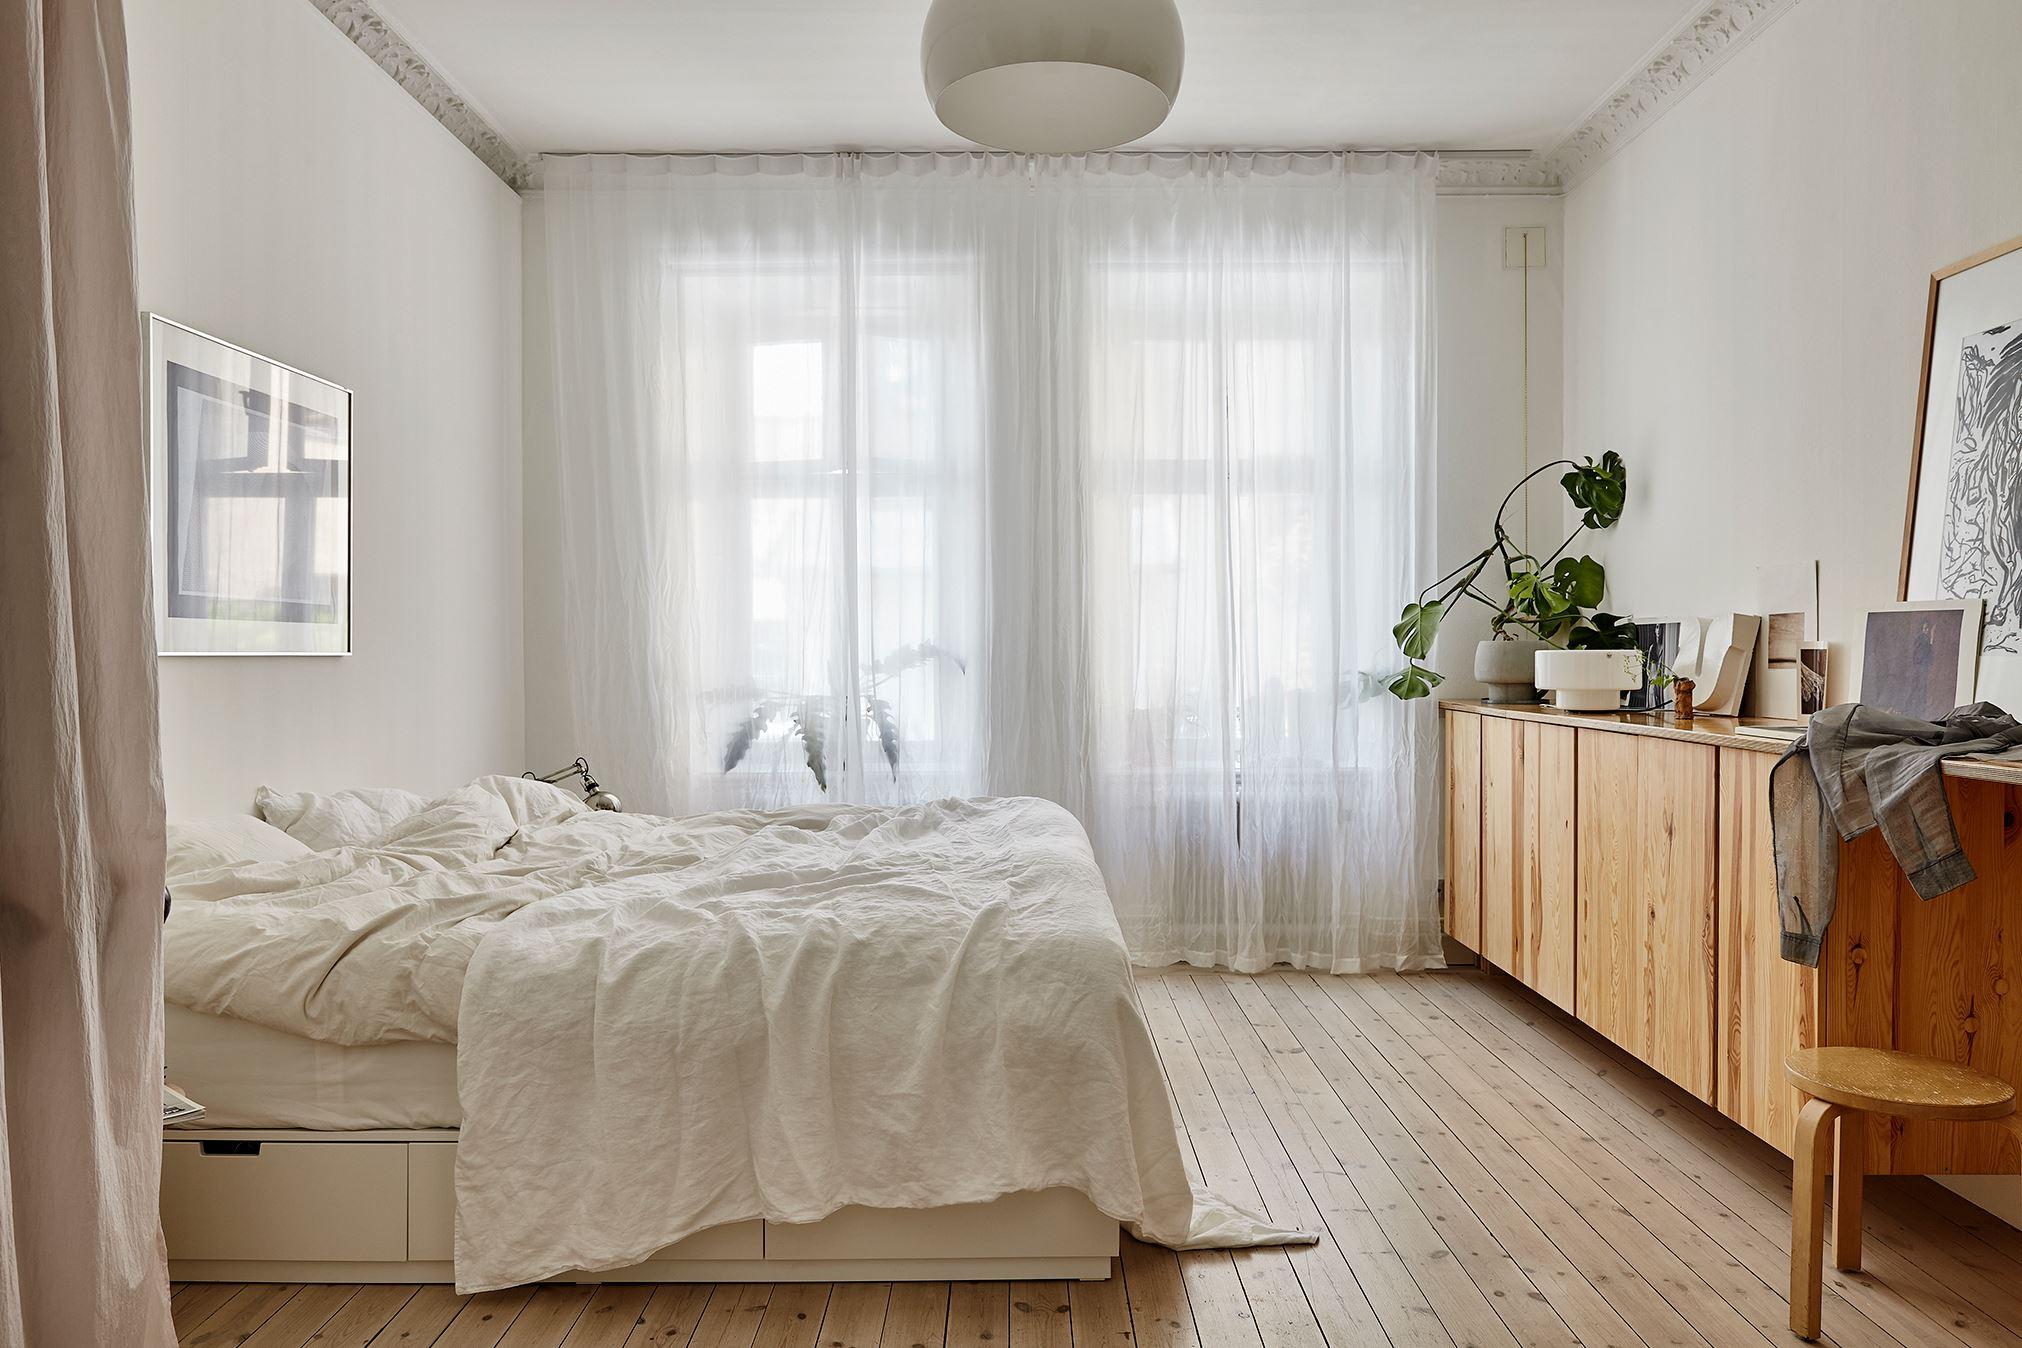 scandinavian feeling bedroom cozy hygge light 2